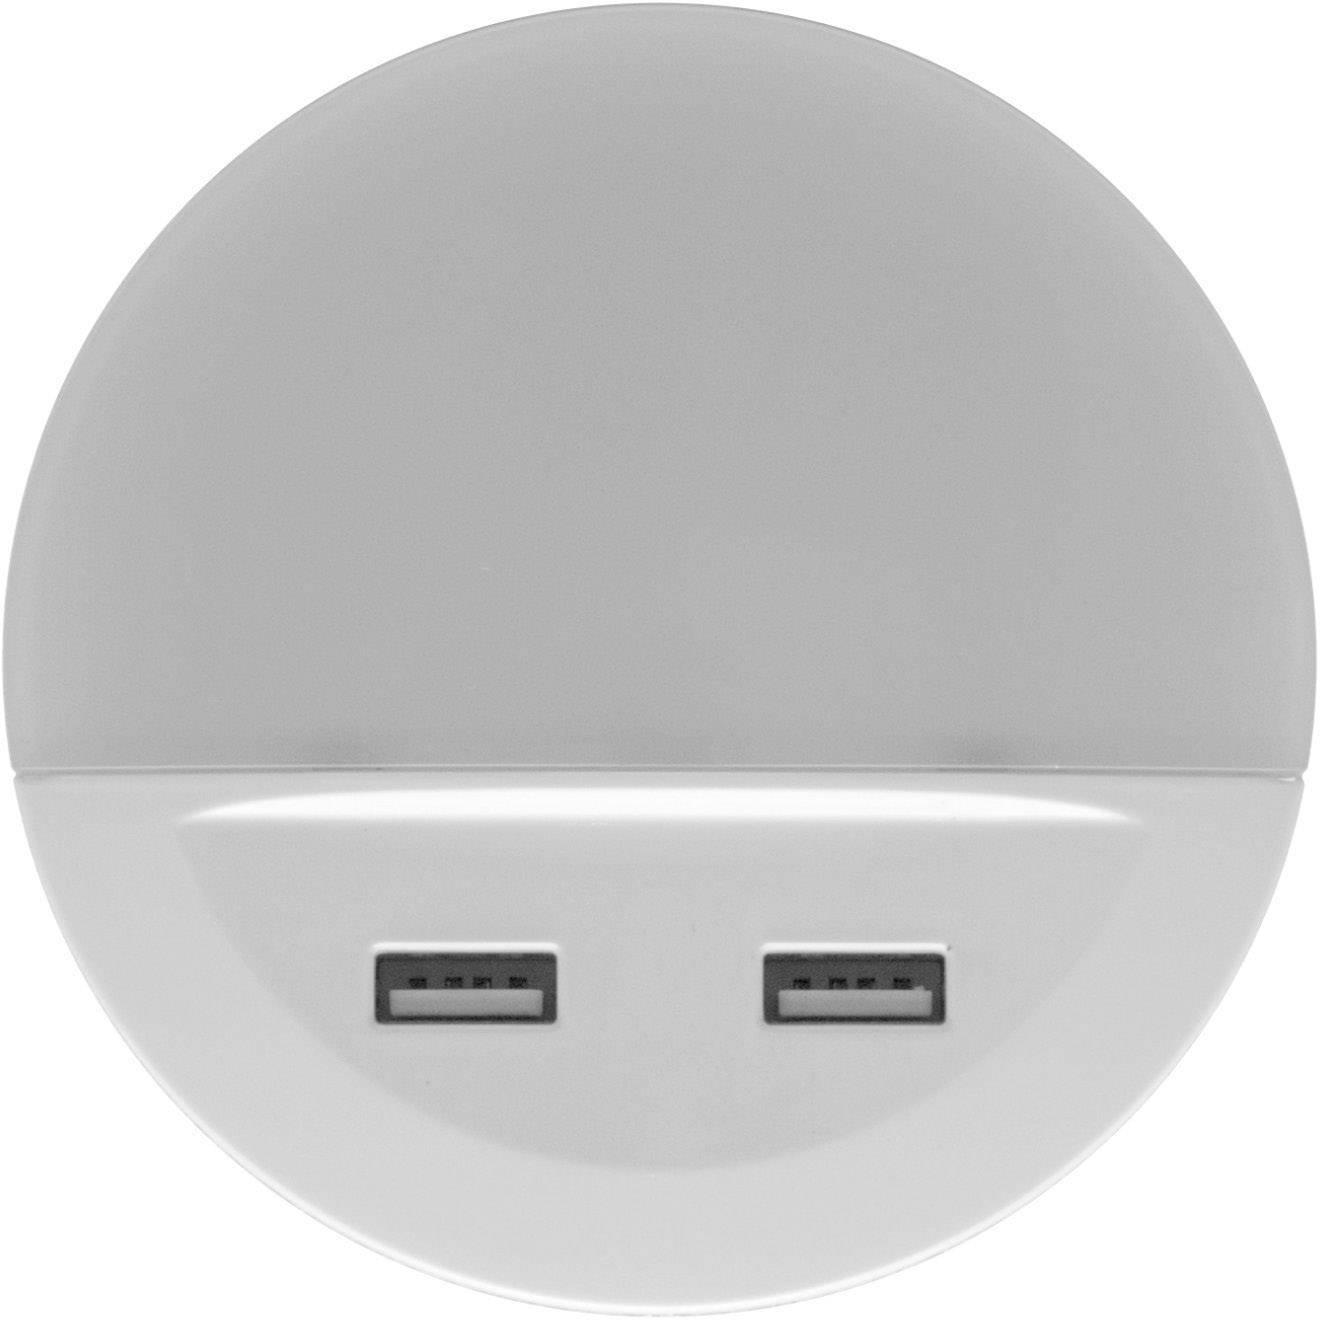 LEDVANCE LUNETTA USB L 4058075266902 LED Nachtlicht Rund LED Warm Weiß Weiß